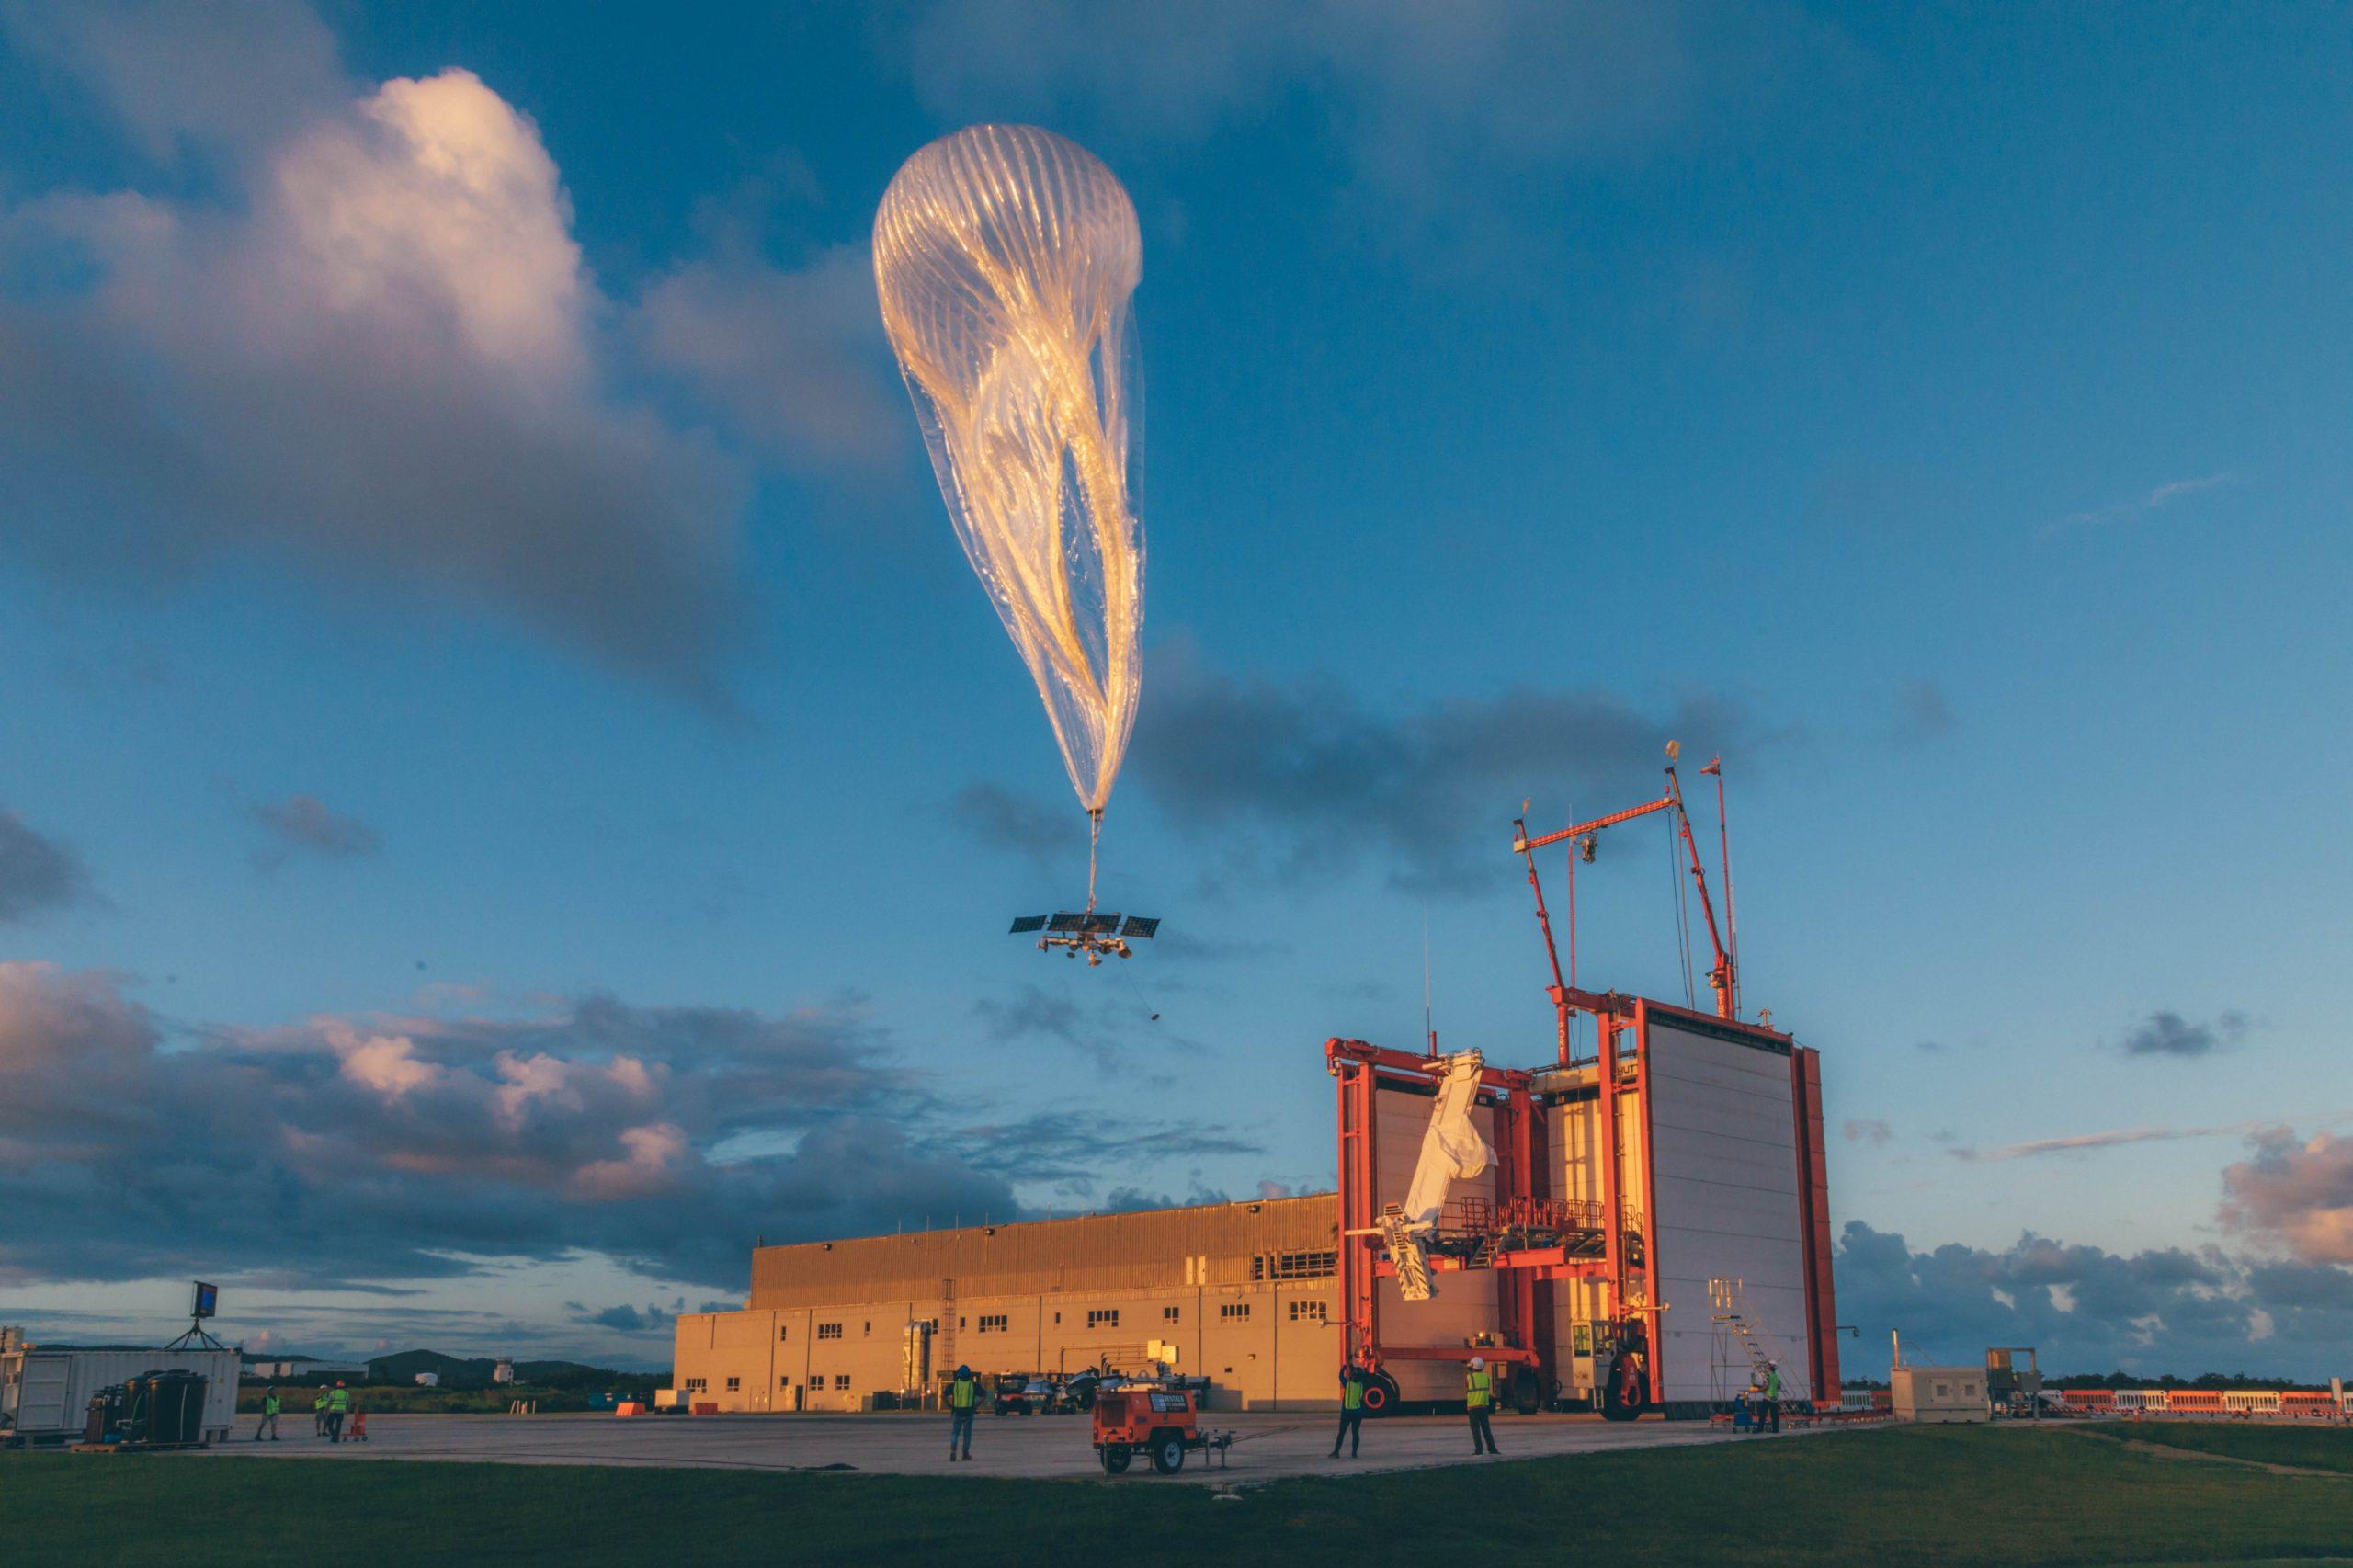 Le projet Loon s'envole définitivement dans les airs